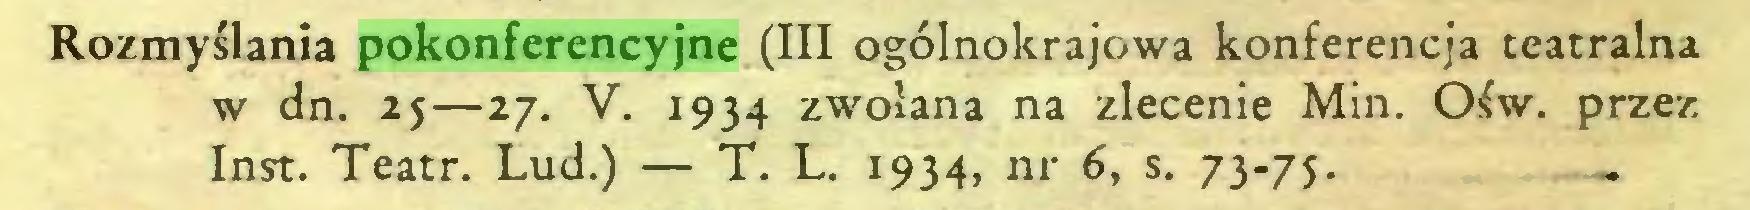 (...) Rozmyślania pokonferencyjne (III ogólnokrajowa konferencja teatralna w dn. 25—27. V. 1934 zwołana na zlecenie Min. Ośw. przez Inst. Teatr. Lud.) — T. L. 1934, nr 6, s. 73-75...